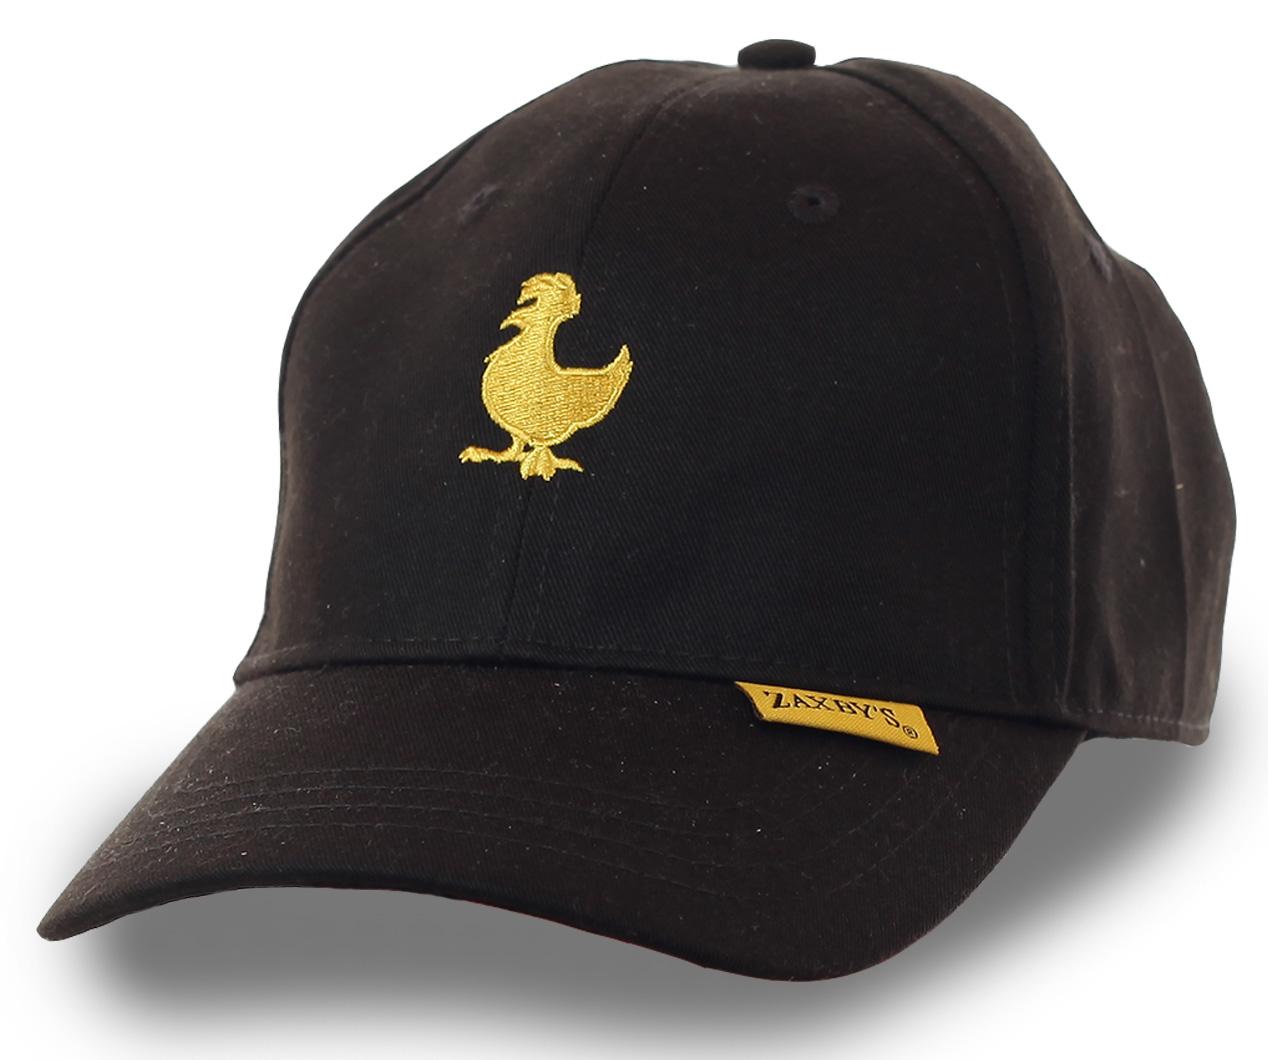 Недорогая фирменная бейсболка с логотипом